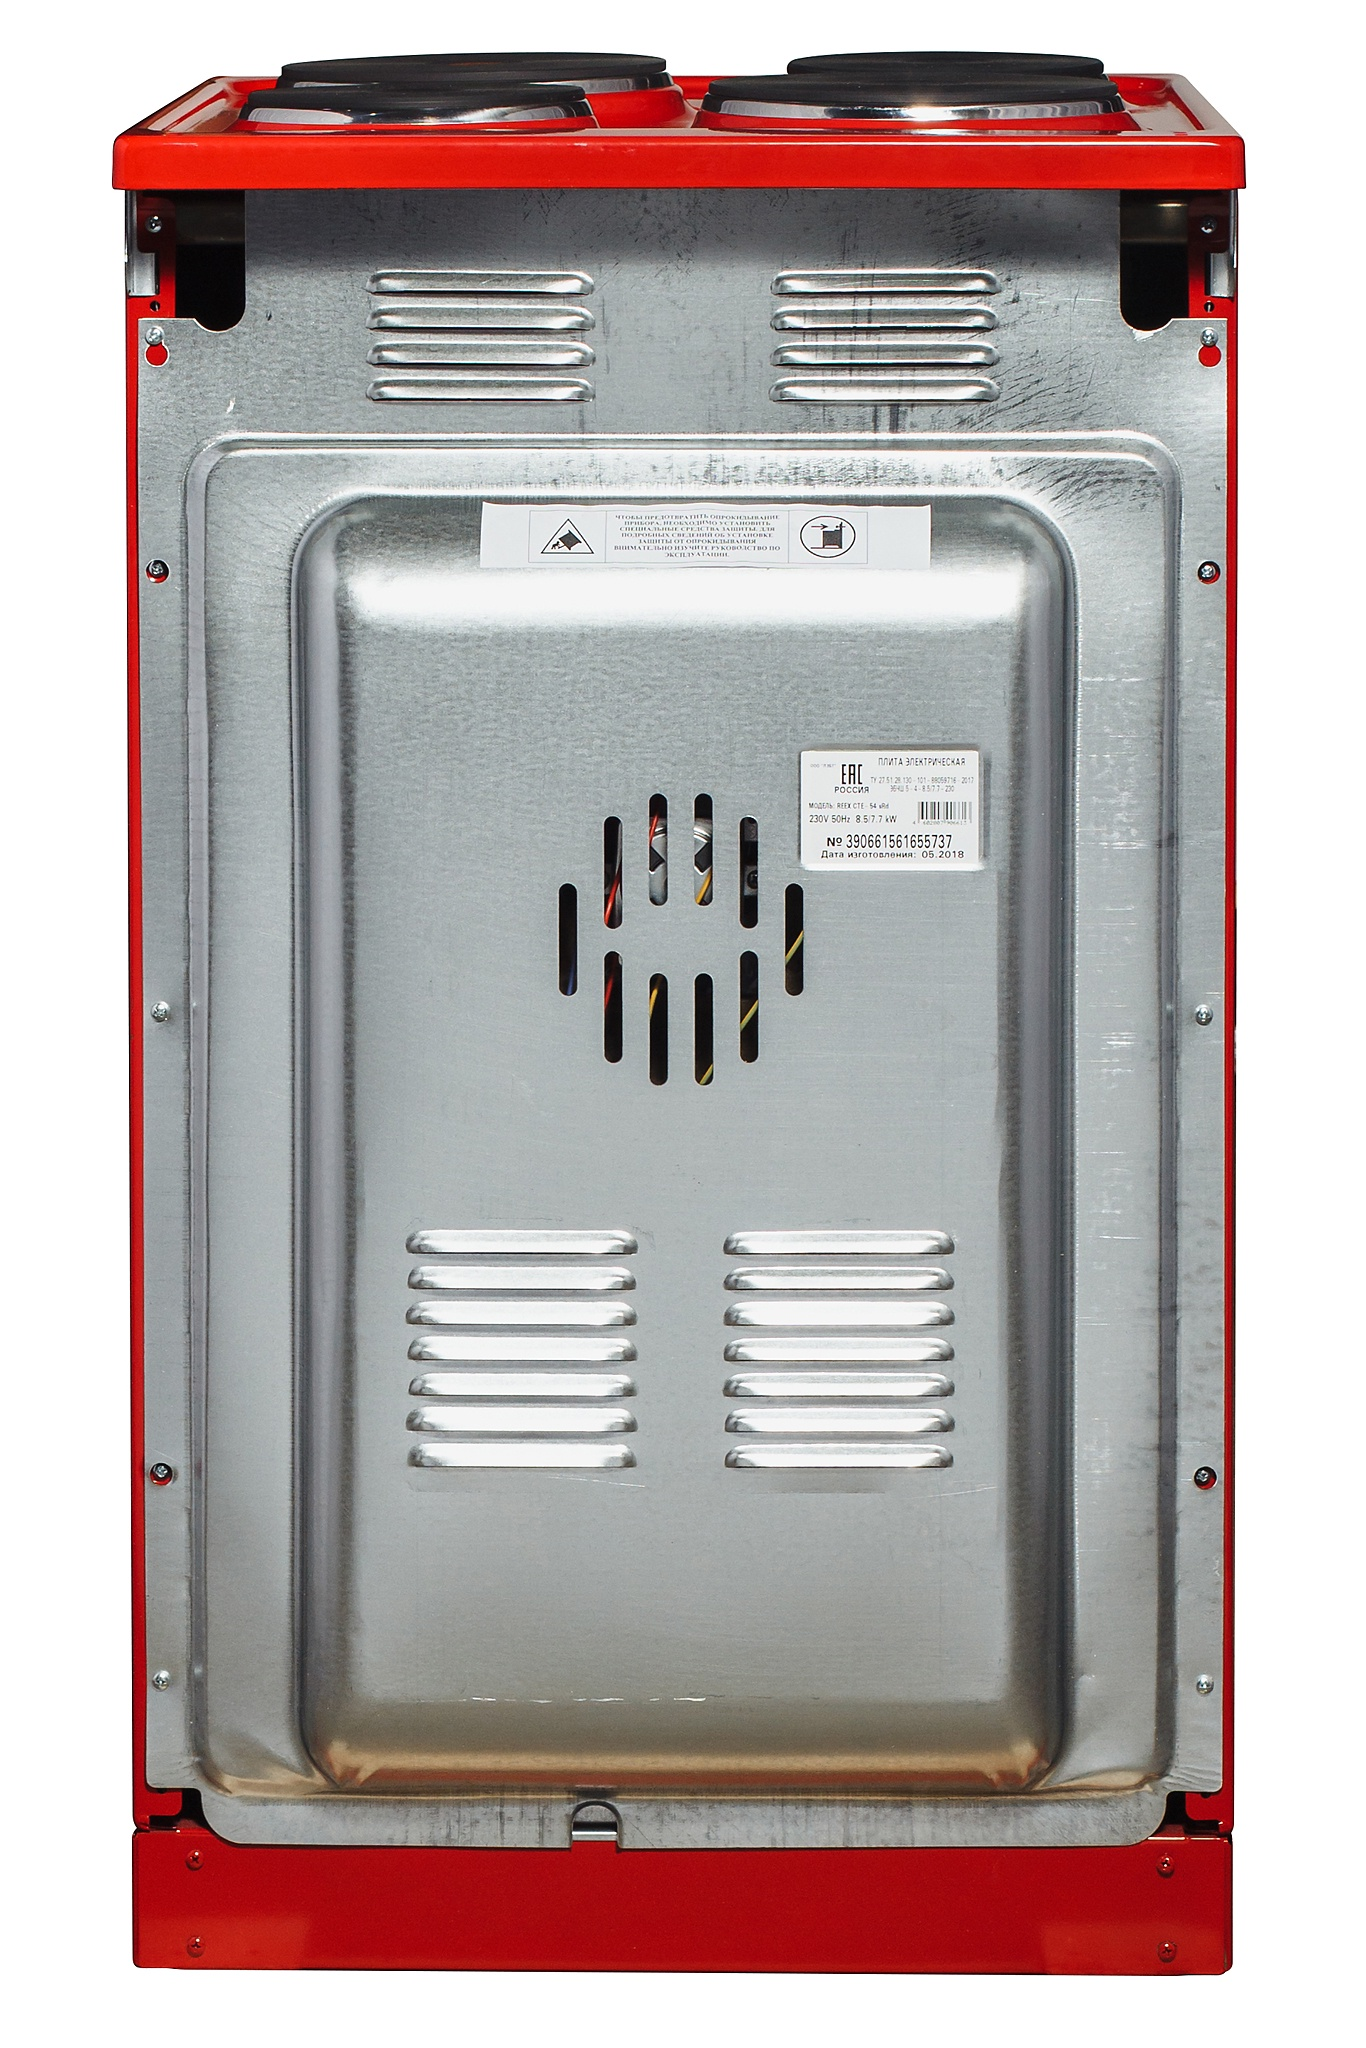 Плита электрическая Reex CTE-54 sR, TM000068091, красный Reex